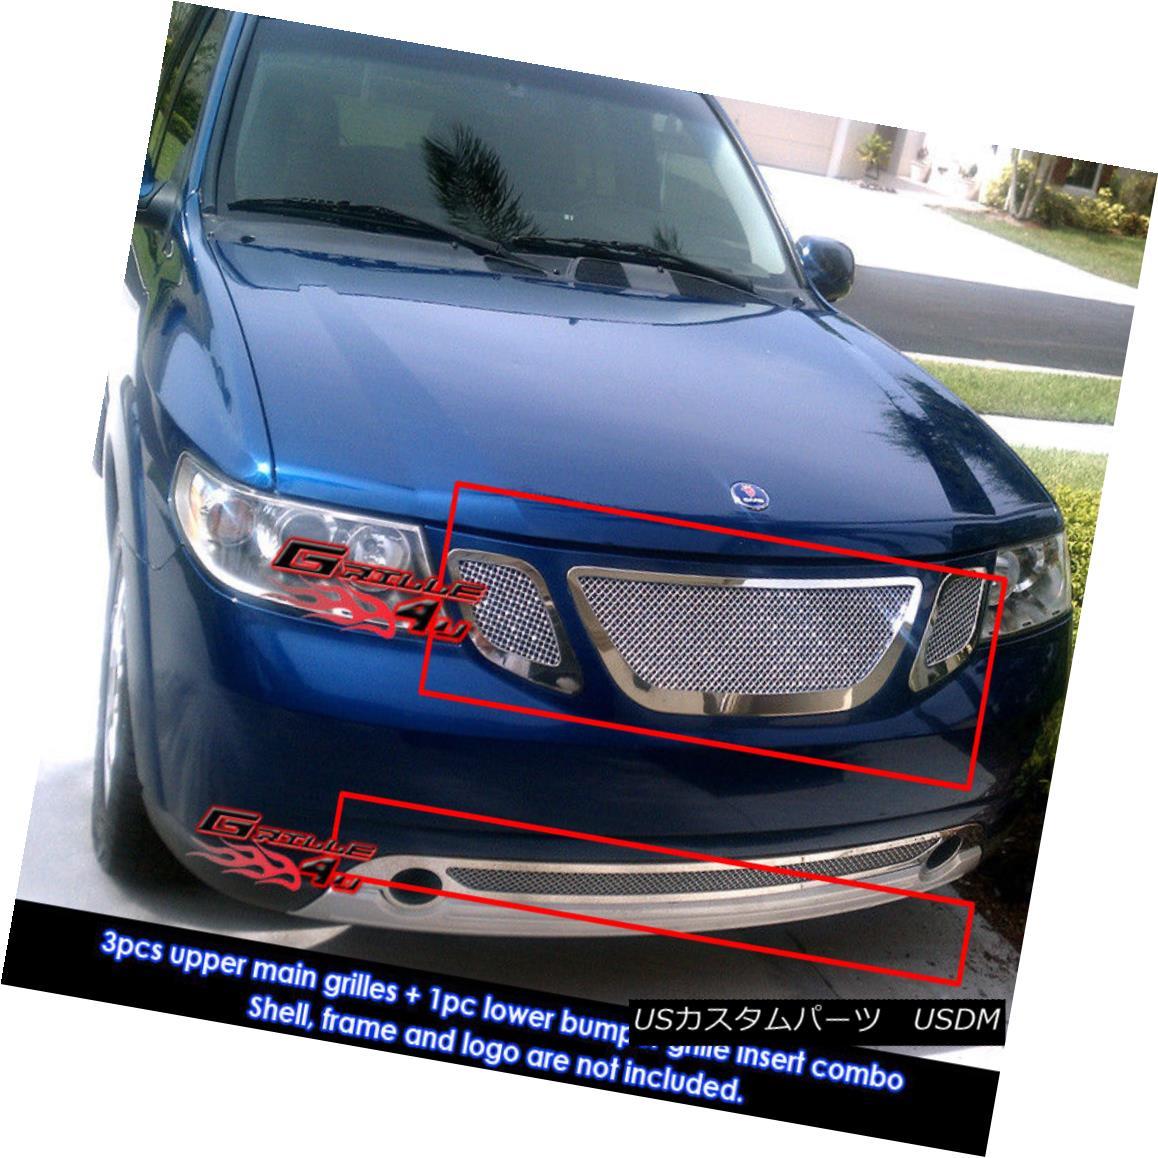 グリル Fits 2007-2010 Saab 9-7X Stainless Steel Mesh Grille Combo 2007年?2010年のSaab 9-7Xステンレスメッシュグリルコンボに適合